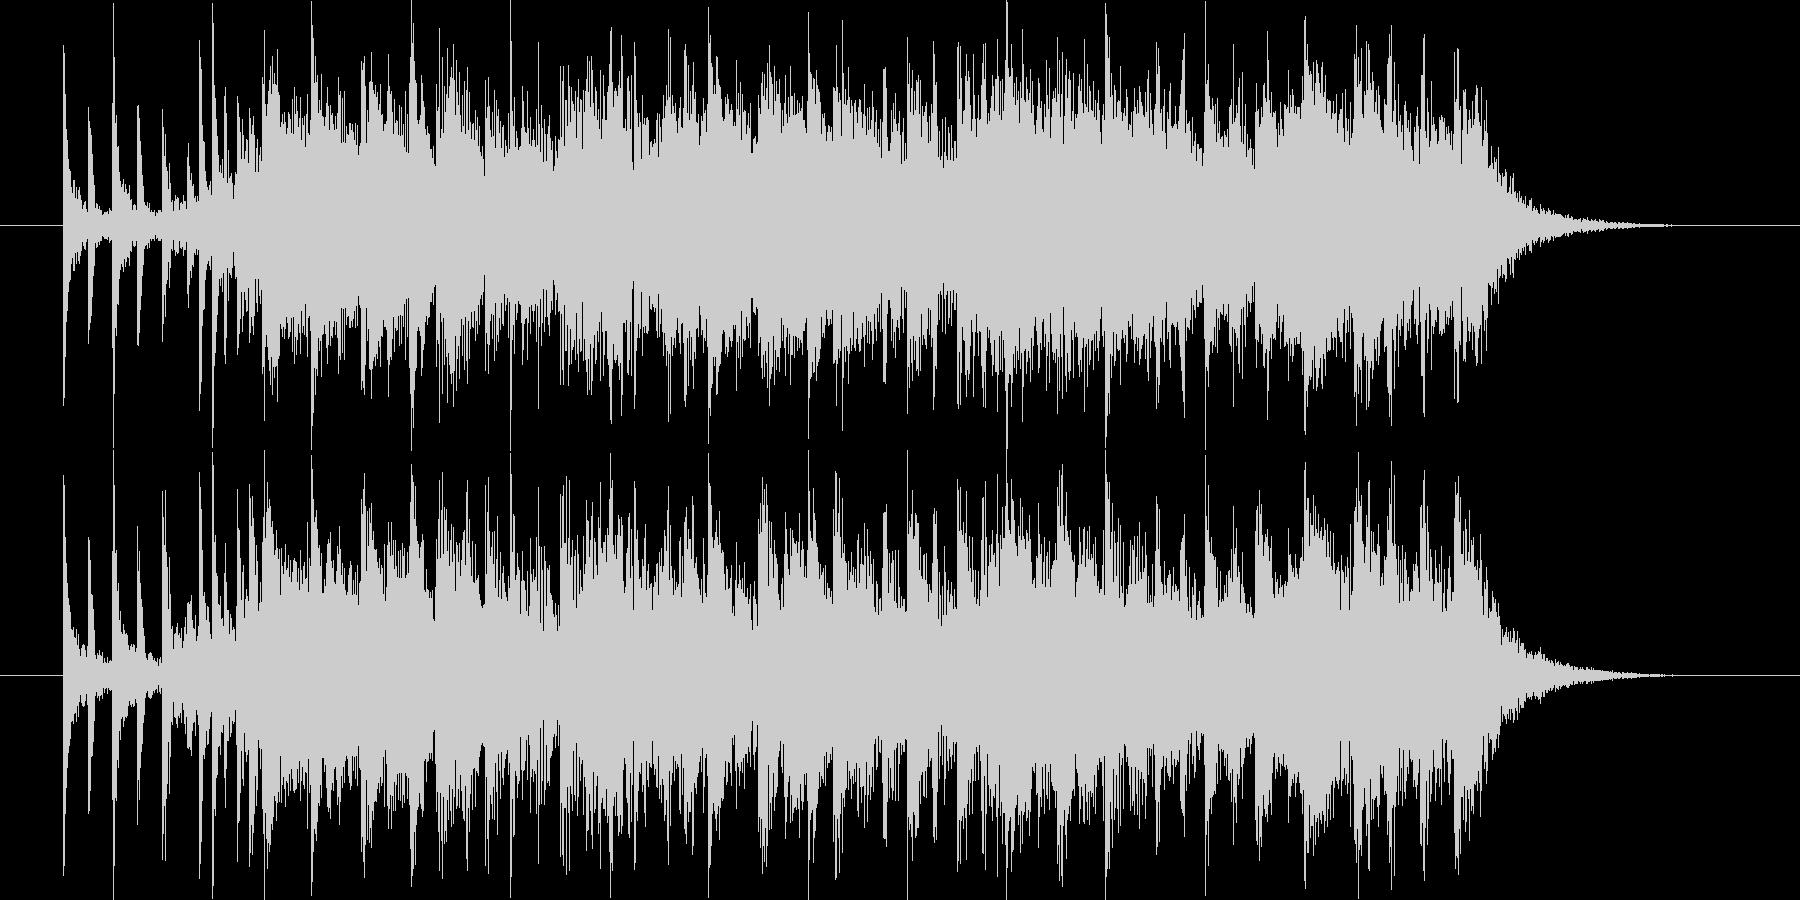 疾走感がありドラムが印象的なBGMの未再生の波形